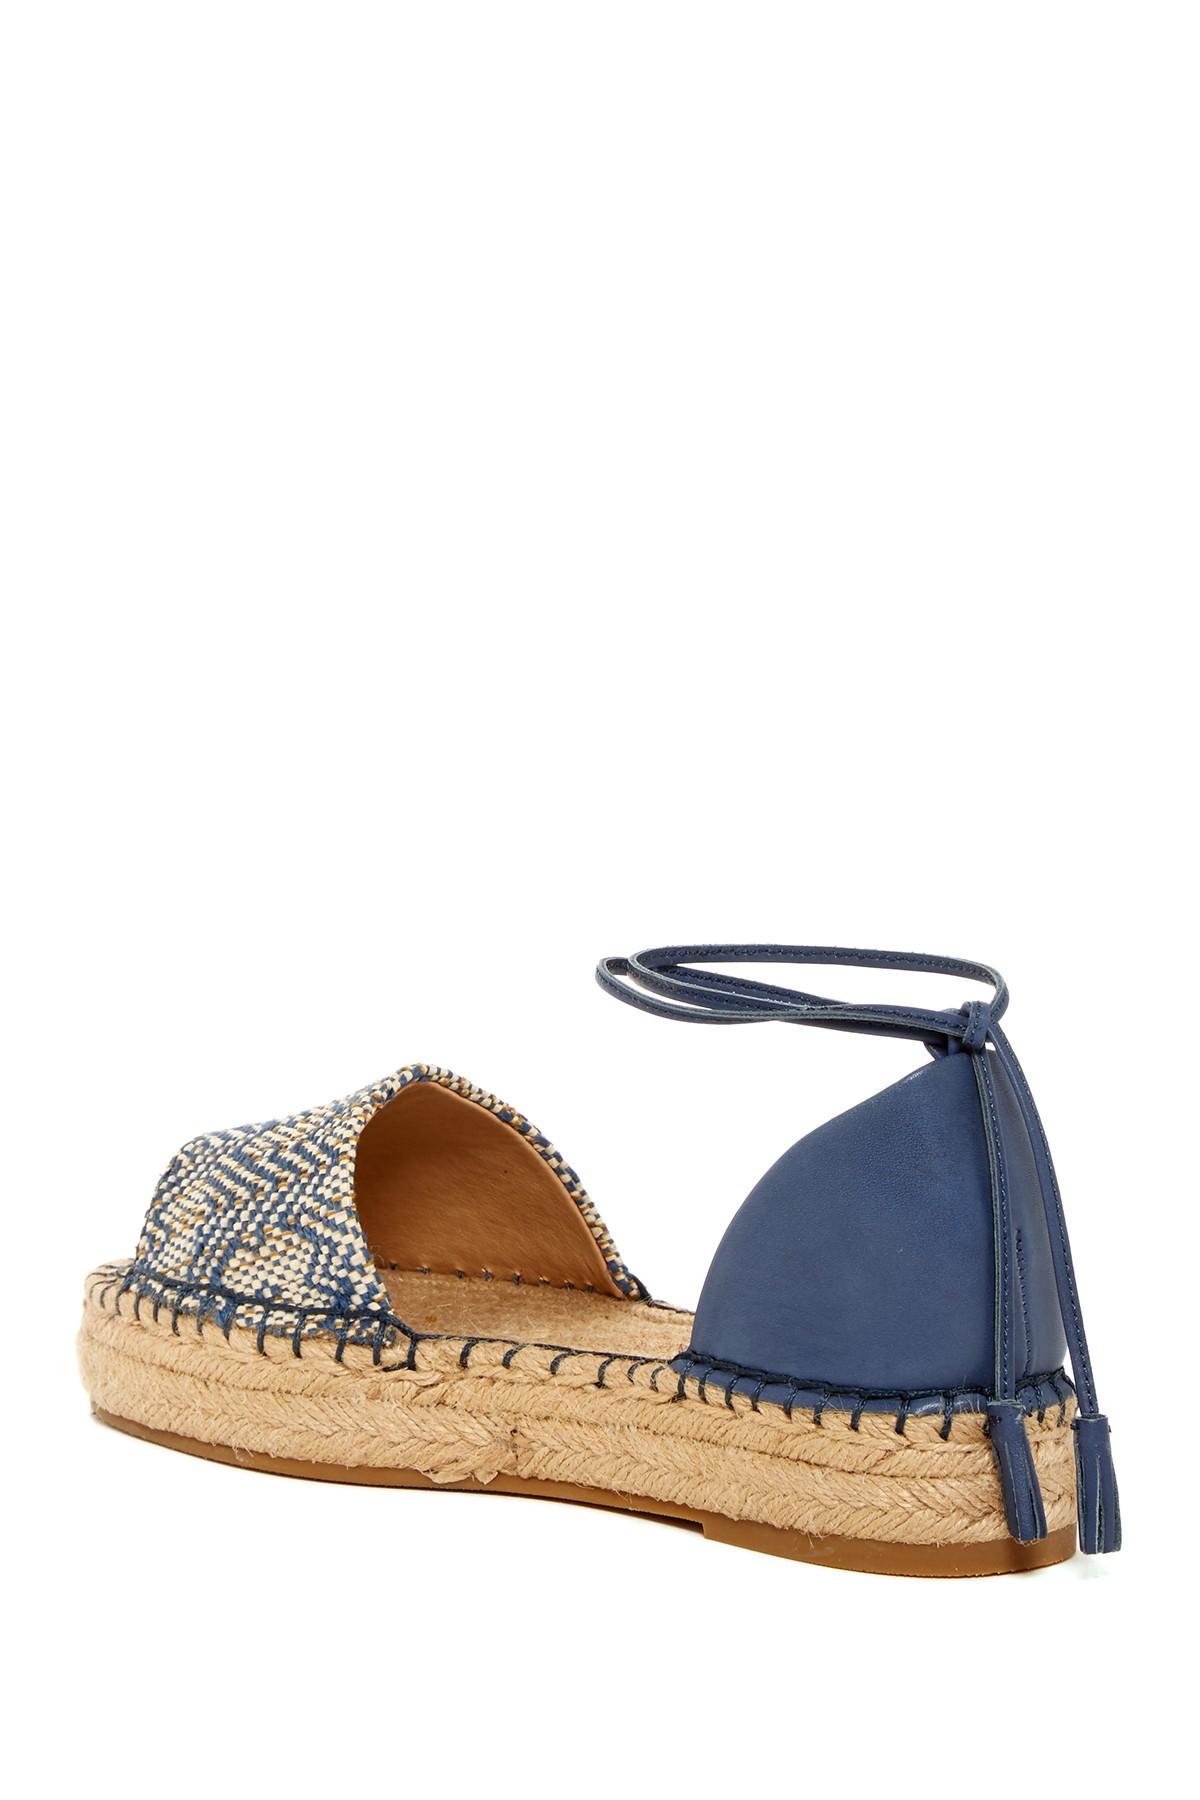 Splendid Edna Espadrille Platform Sandal In Blue Lyst